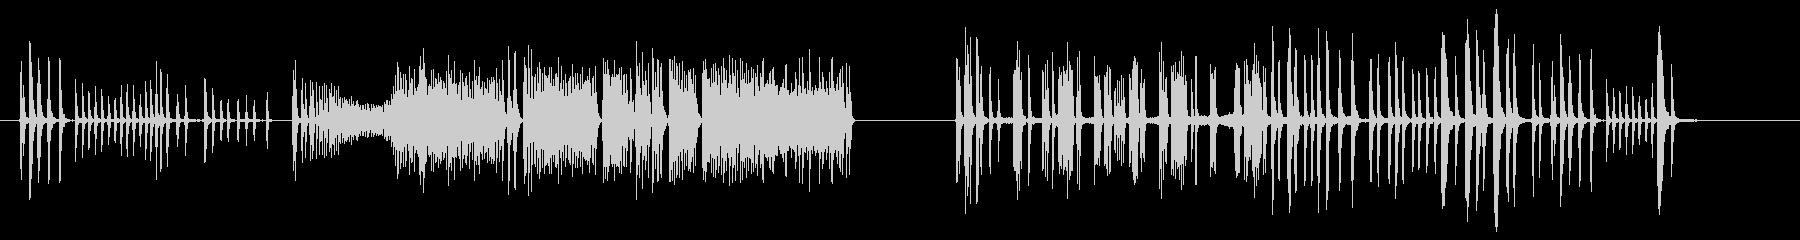 コメディチューブスパッタリングの未再生の波形